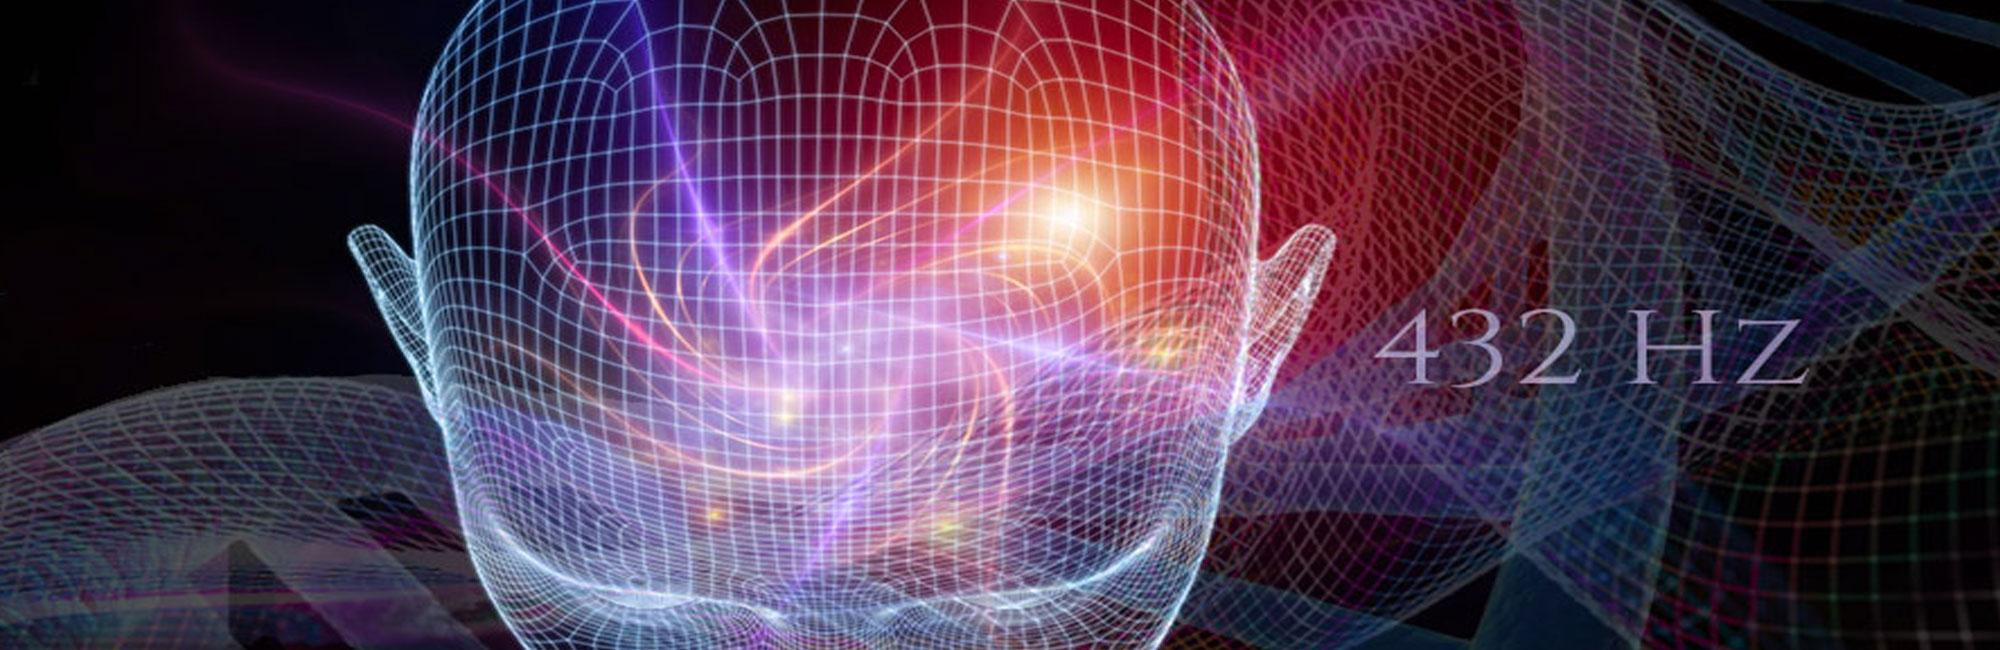 Cristal Vibrasons et sa controverse aux rumeurs qui circulent sur le 432 Hz, sans lui ôter la grâce de son intérêt en sonothérapie !